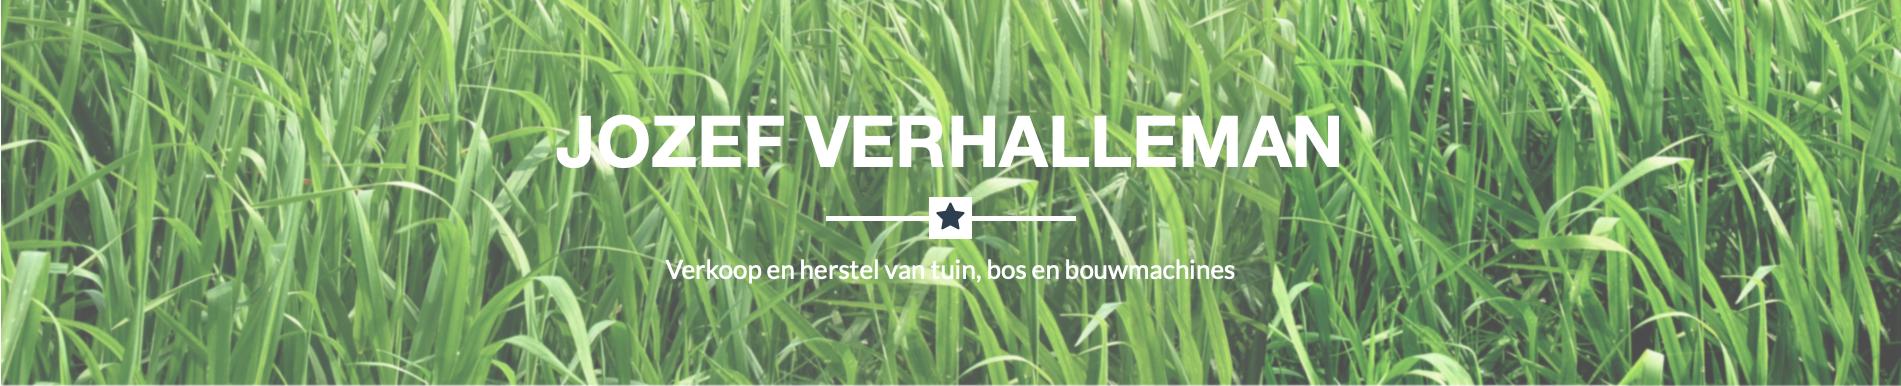 Vendever-Jozef_verhalleman-tuinbouwmachines-Hooglede